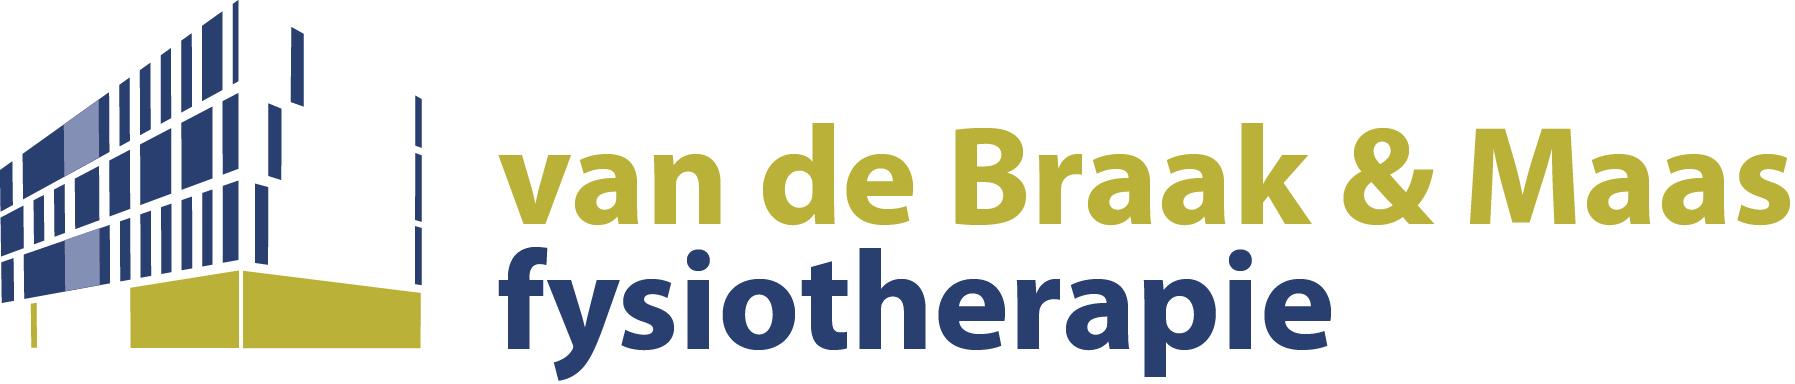 Logo van de Braak & Maas fysiotherapie